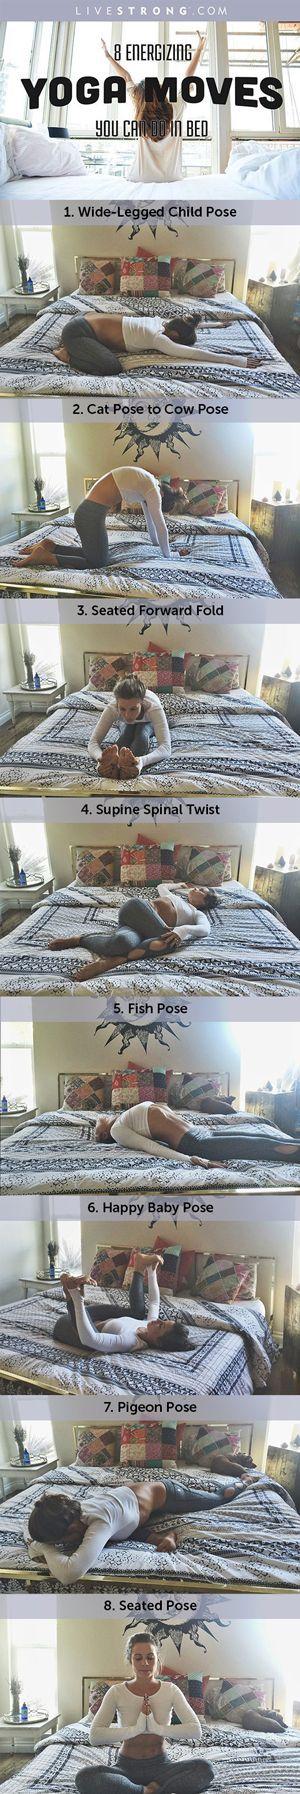 Un entrenamiento que es un ganar-ganar: Philosophiemama demuestra 8 energizantes movimientos de yoga que usted puede hacer en la cama. Lvstrng.com/1LPbtqk